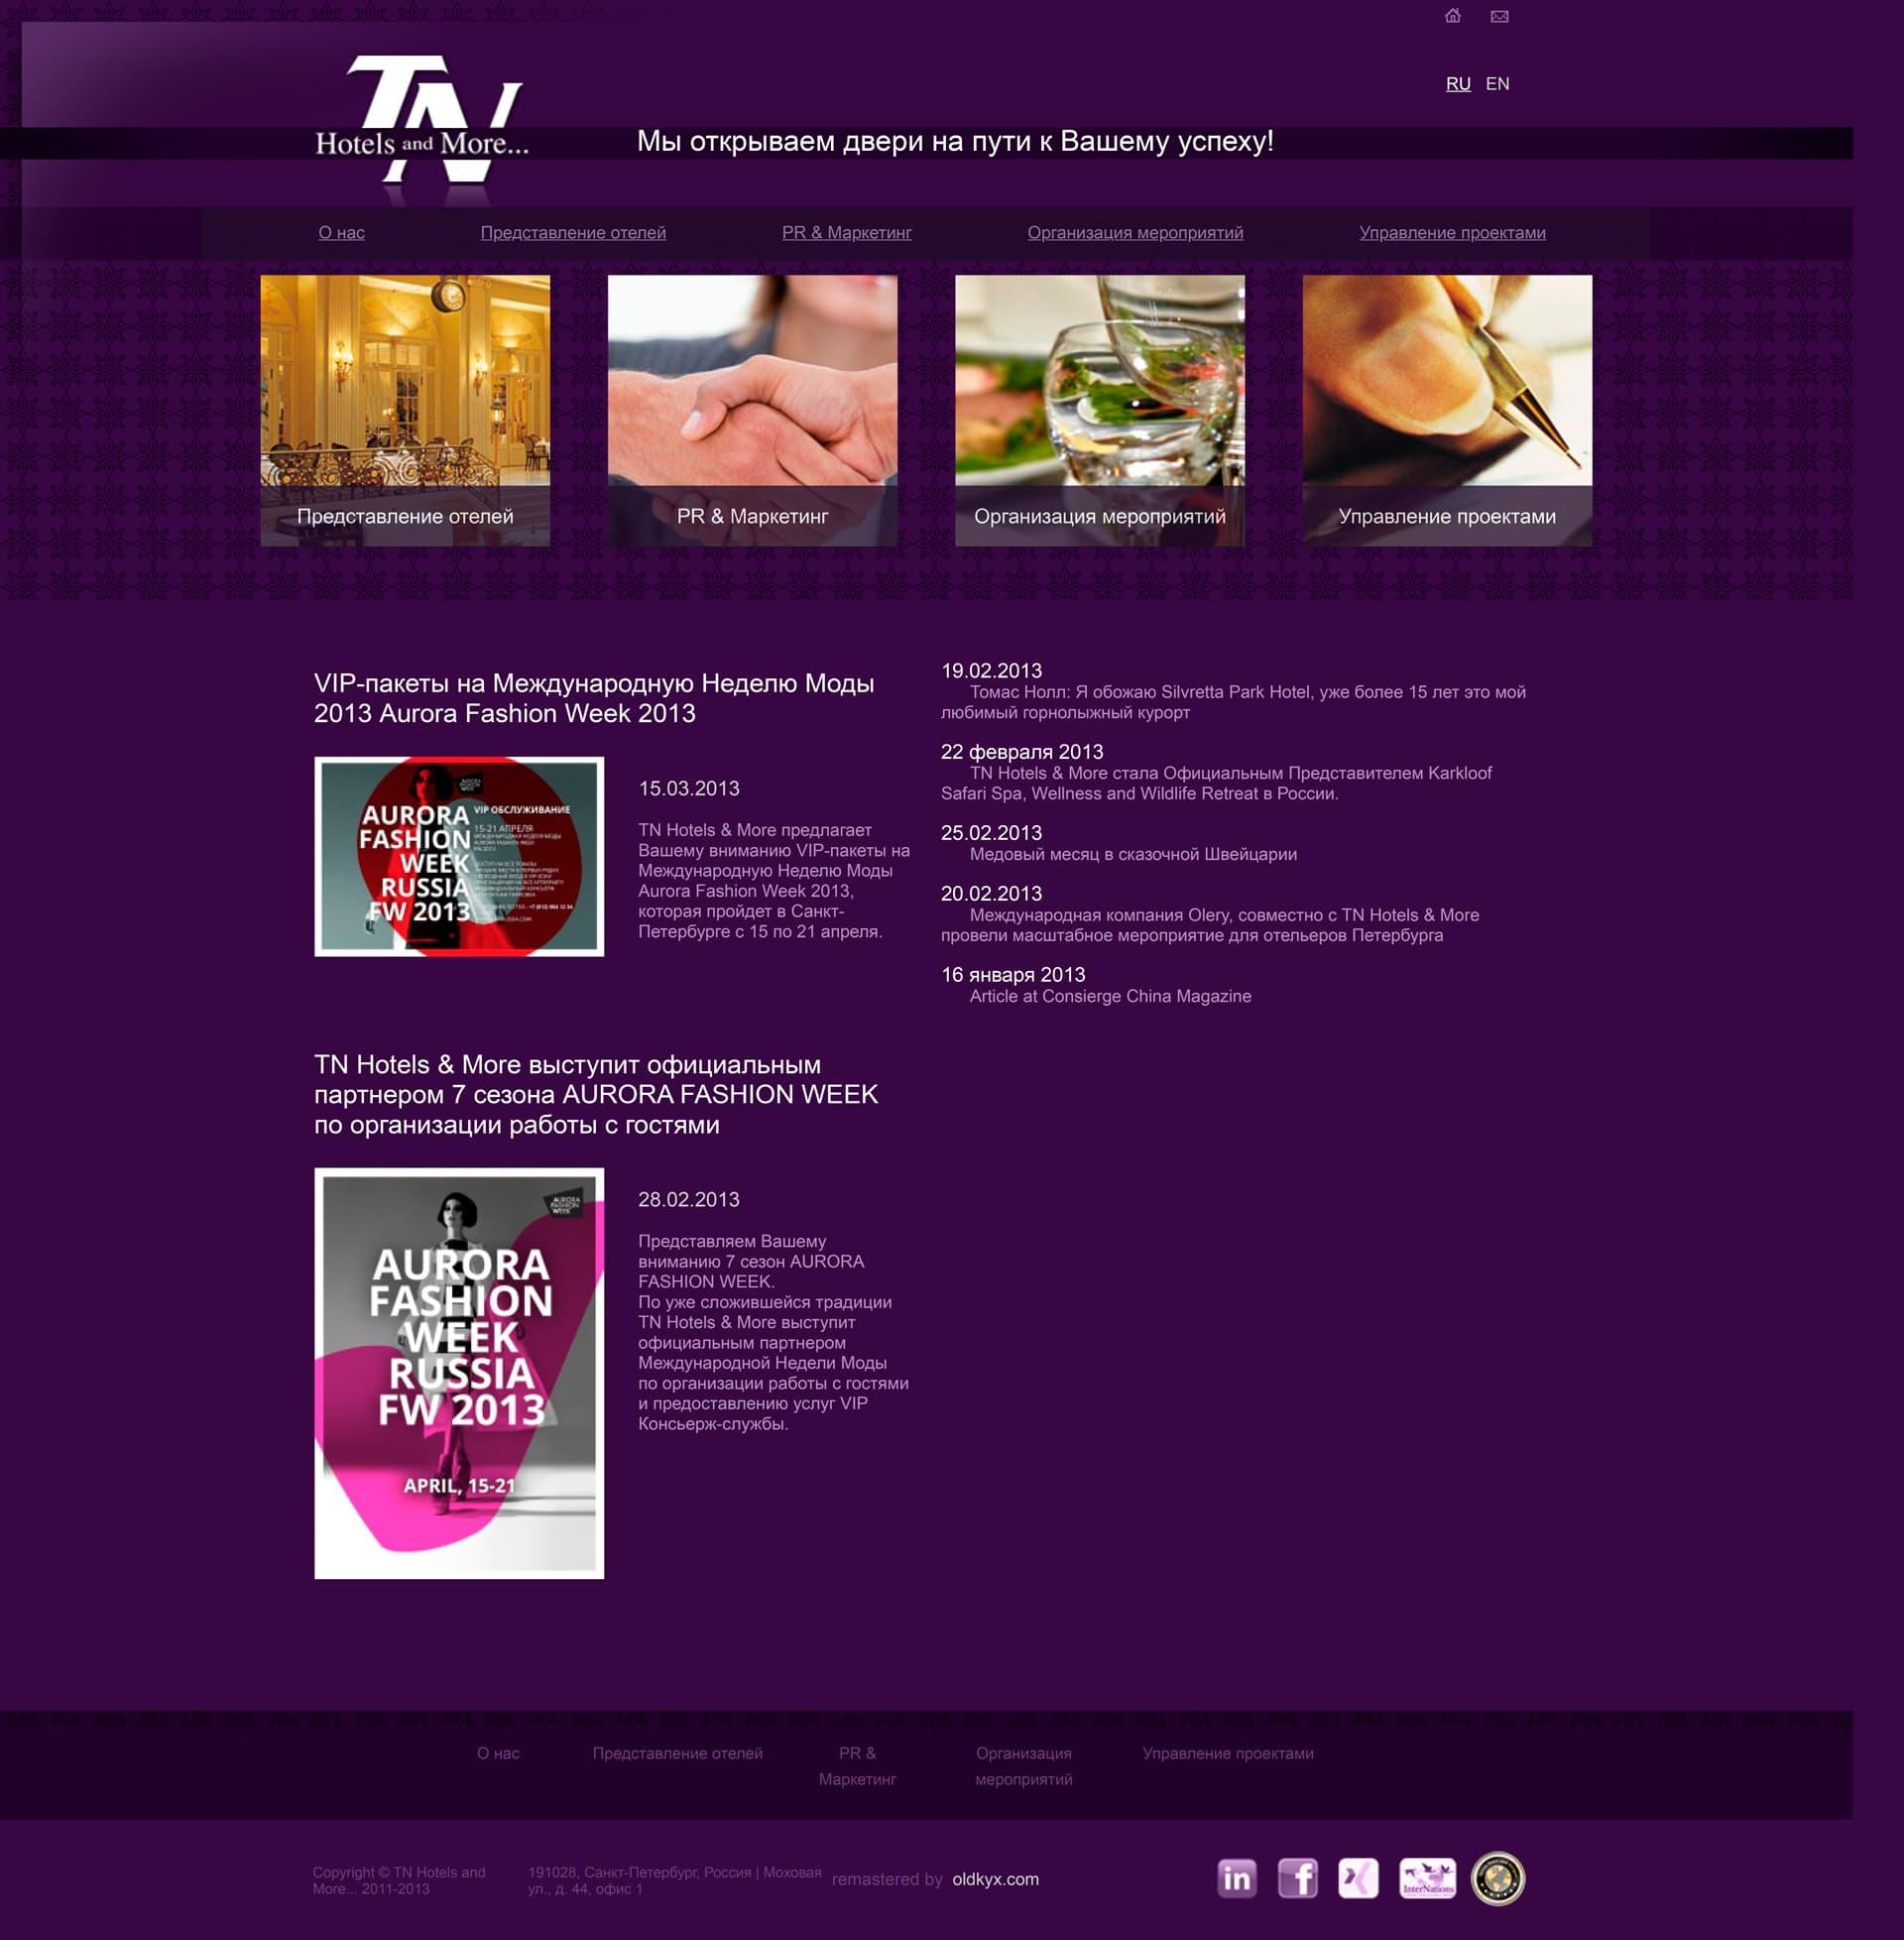 Сайт TN Hotels and More в 2013